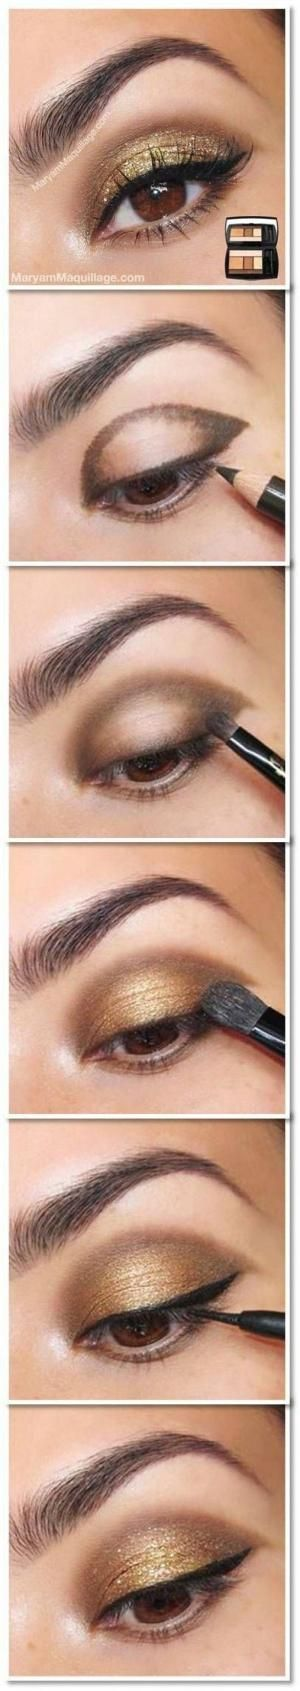 Mooie oogmake-up met bruine en goudkleurige oogschaduw. by Deborah de Jeu by concetta